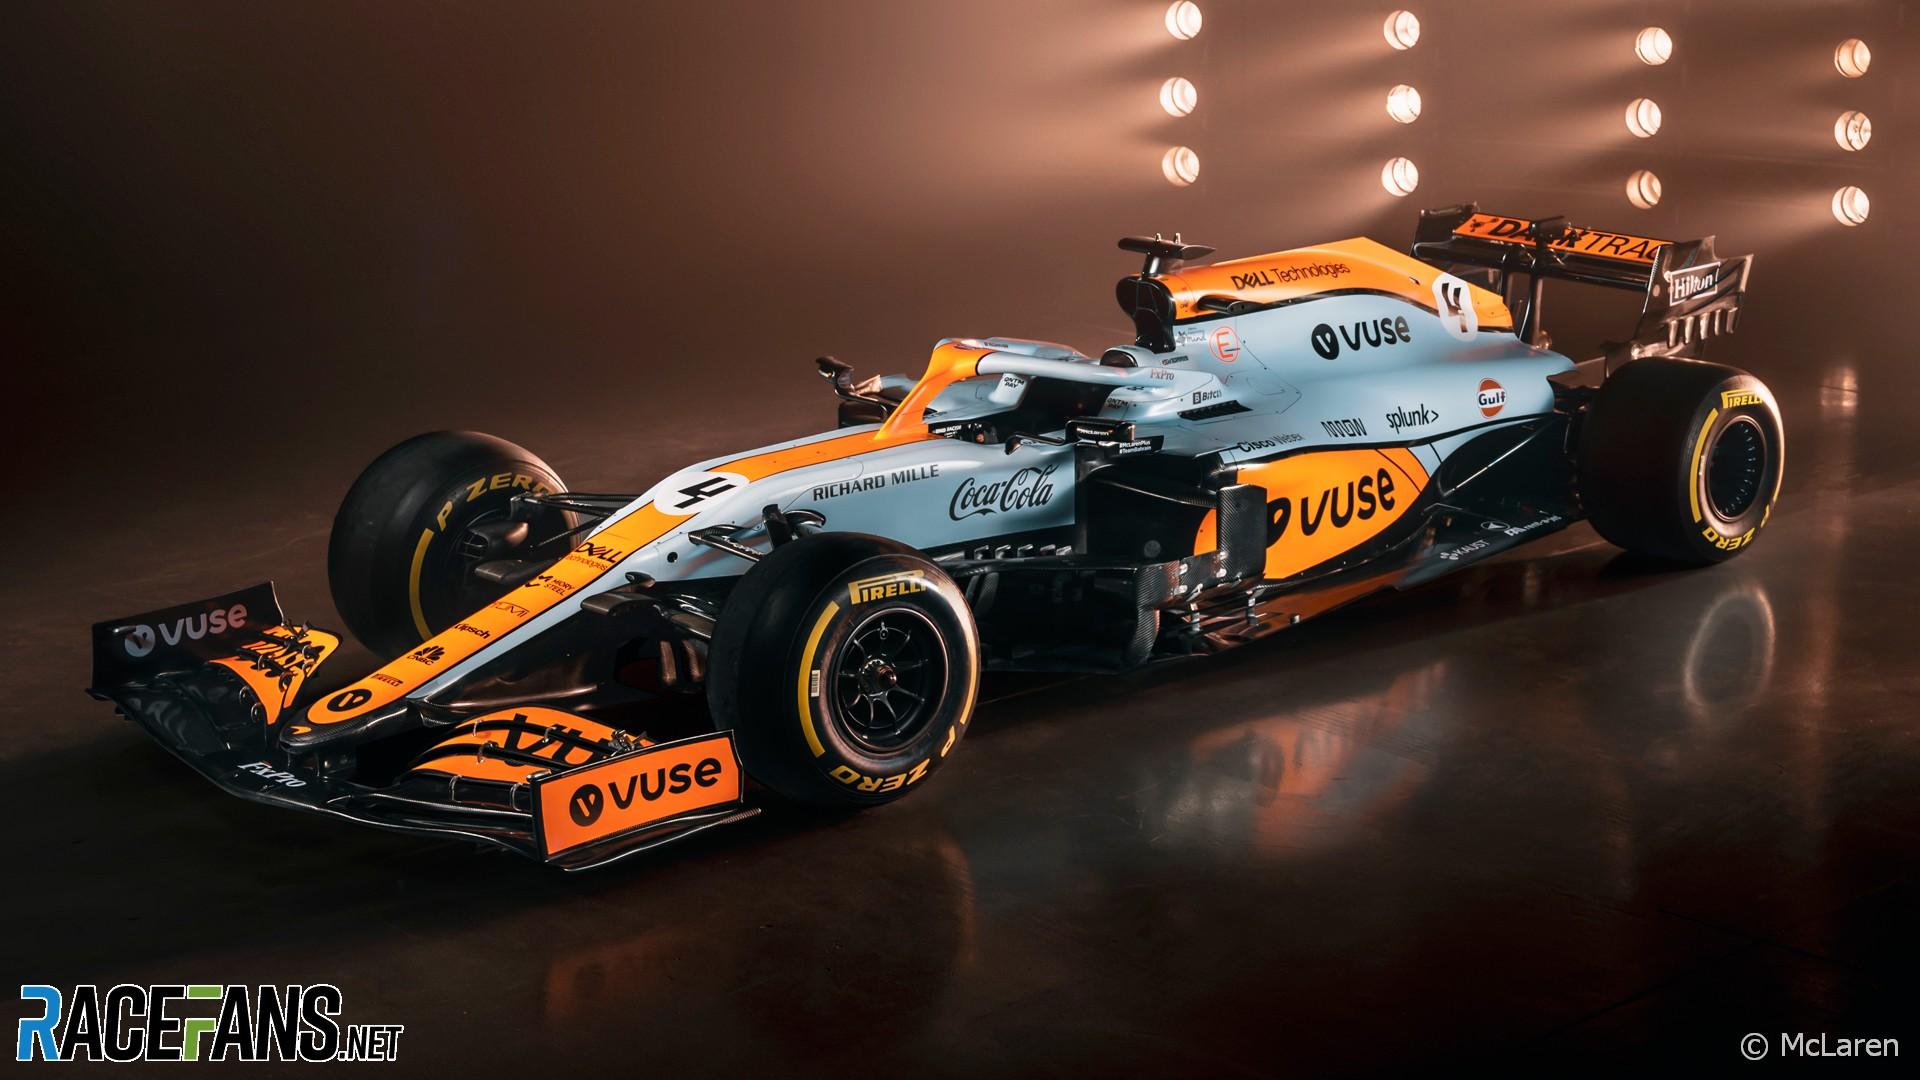 photo Mclaren F1 Monaco Livery Wallpaper 4K racefans